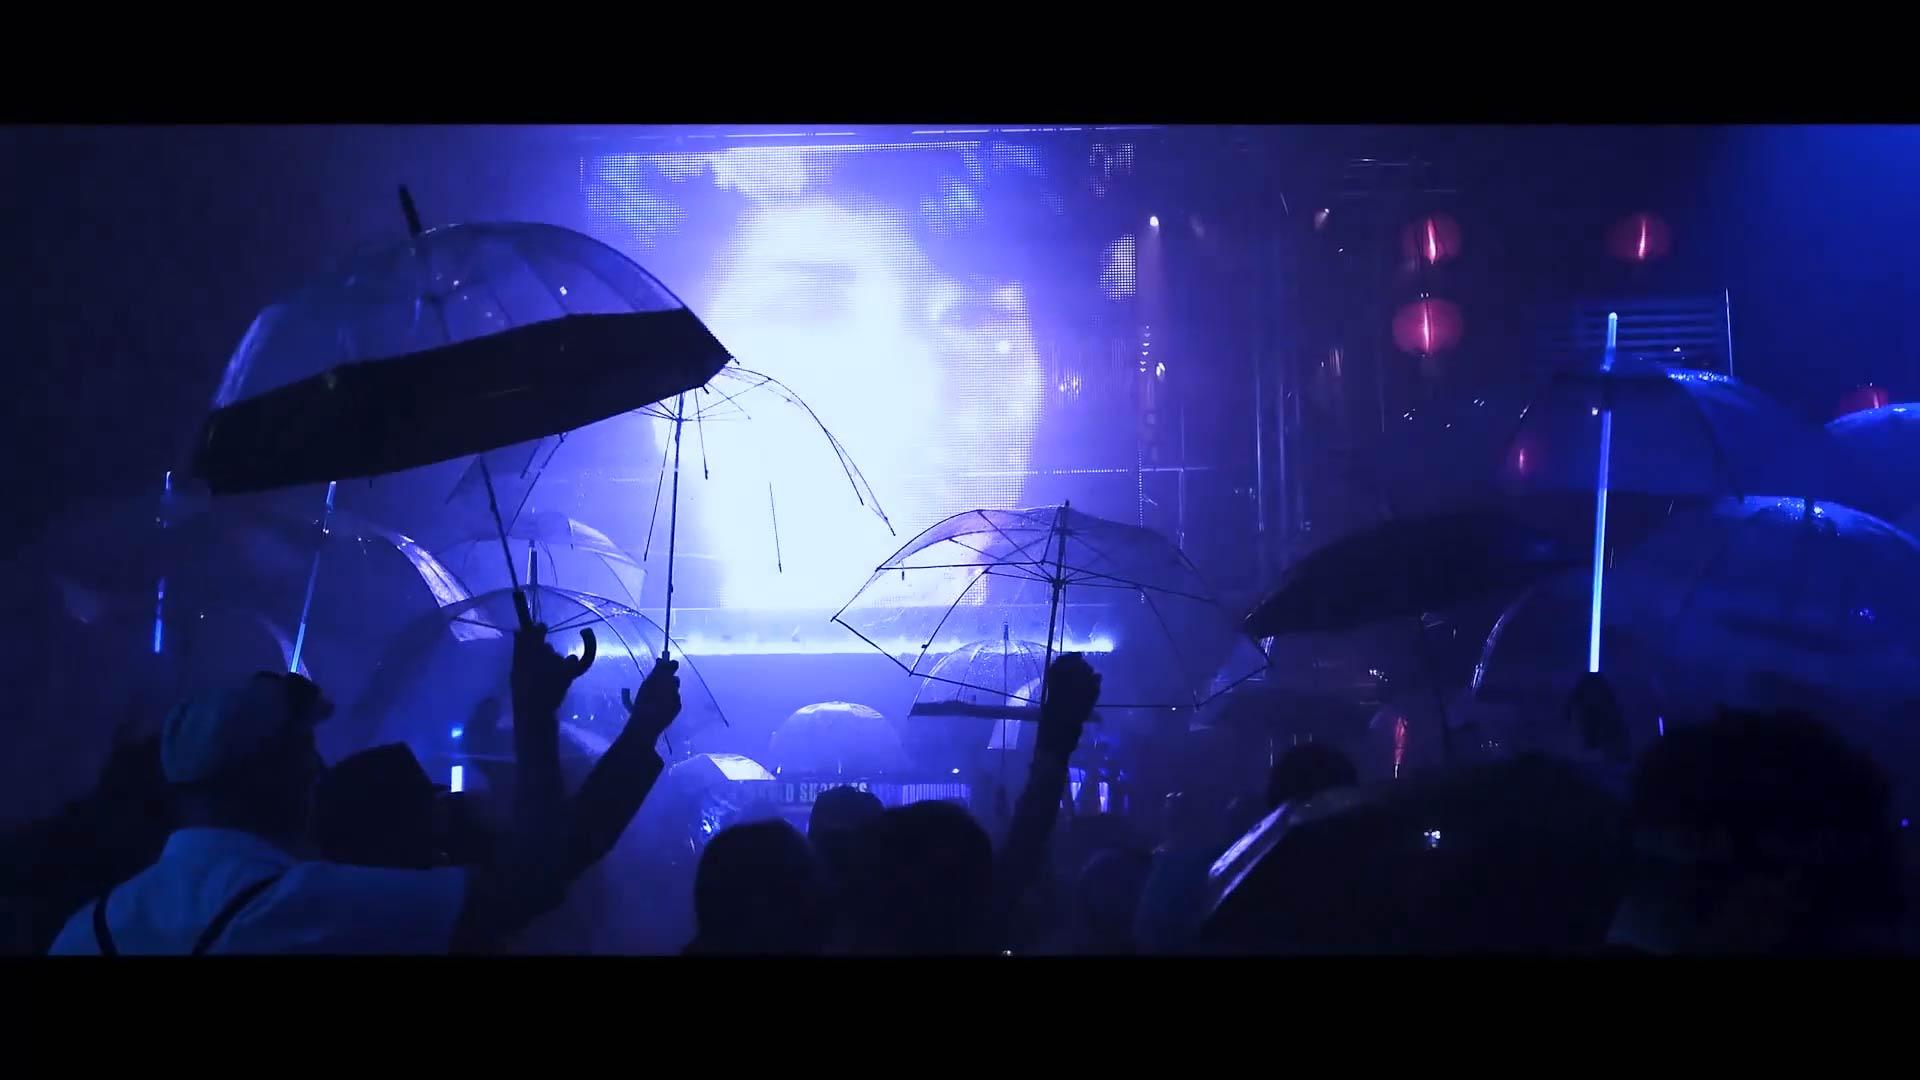 Secret-Cinema-Presents-Blade-Runner-The-Final-Cut-A-Secret-Live-Experience-1-0-02-33-23.jpg